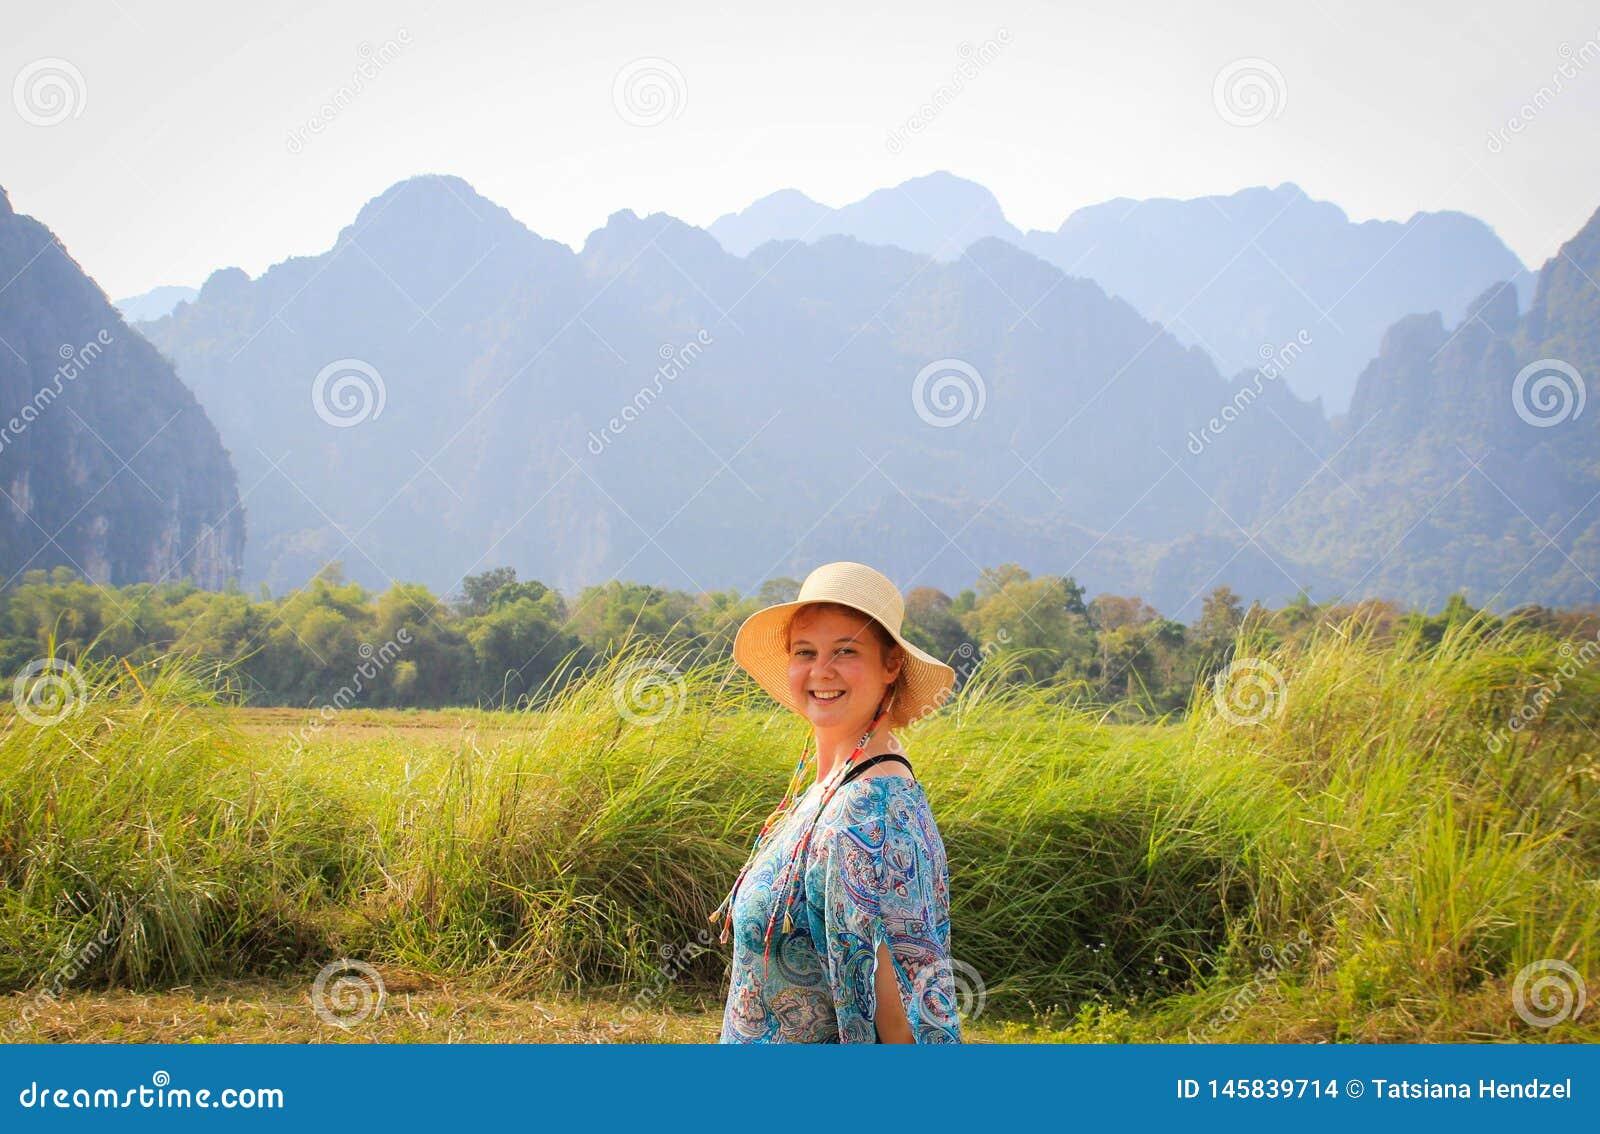 Η νέα όμορφη γυναίκα στο καπέλο και το μπλε φόρεμα χαμογελά στην ανατολή στα πλαίσια των όμορφων βουνών καρστ στο χωριό